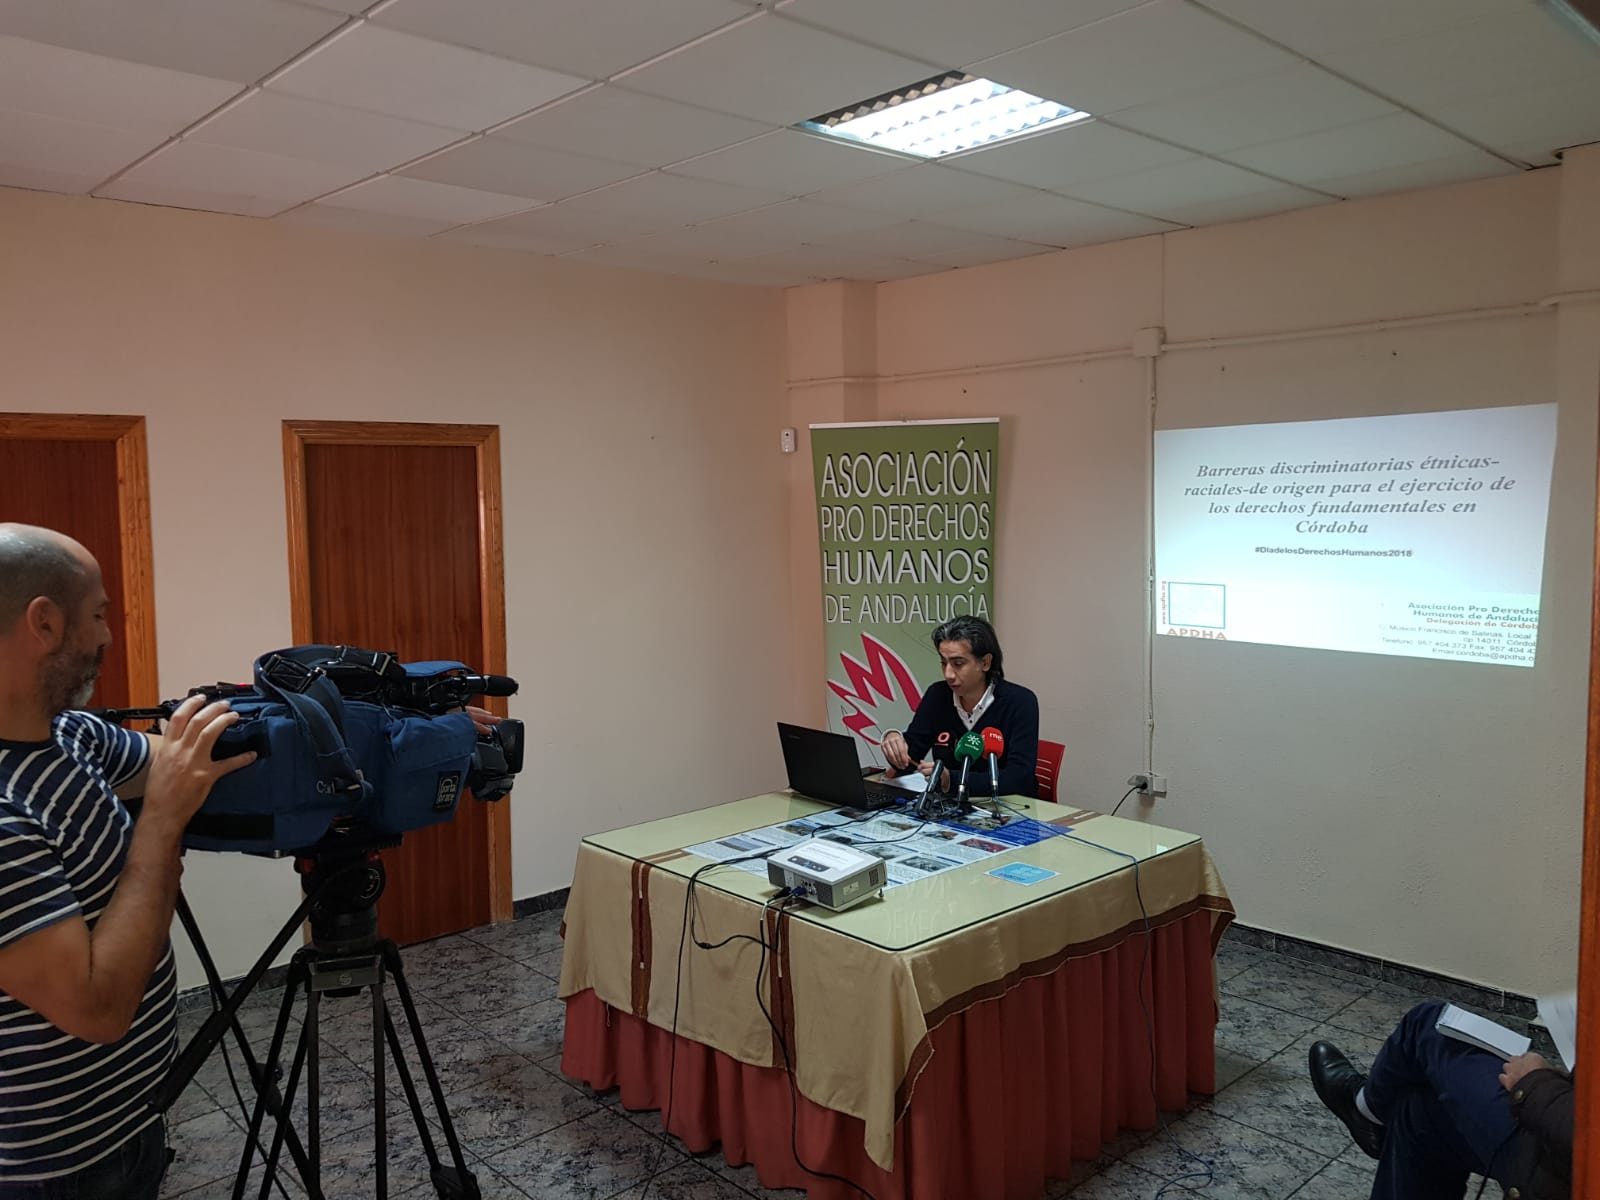 """APDHA presenta el avance del informe """"Barreras discriminatorias étnicas-raciales-de origen para el ejercicio de los derechos fundamentales en Córdoba"""" con motivo del día internacional de los Derechos Humanos"""